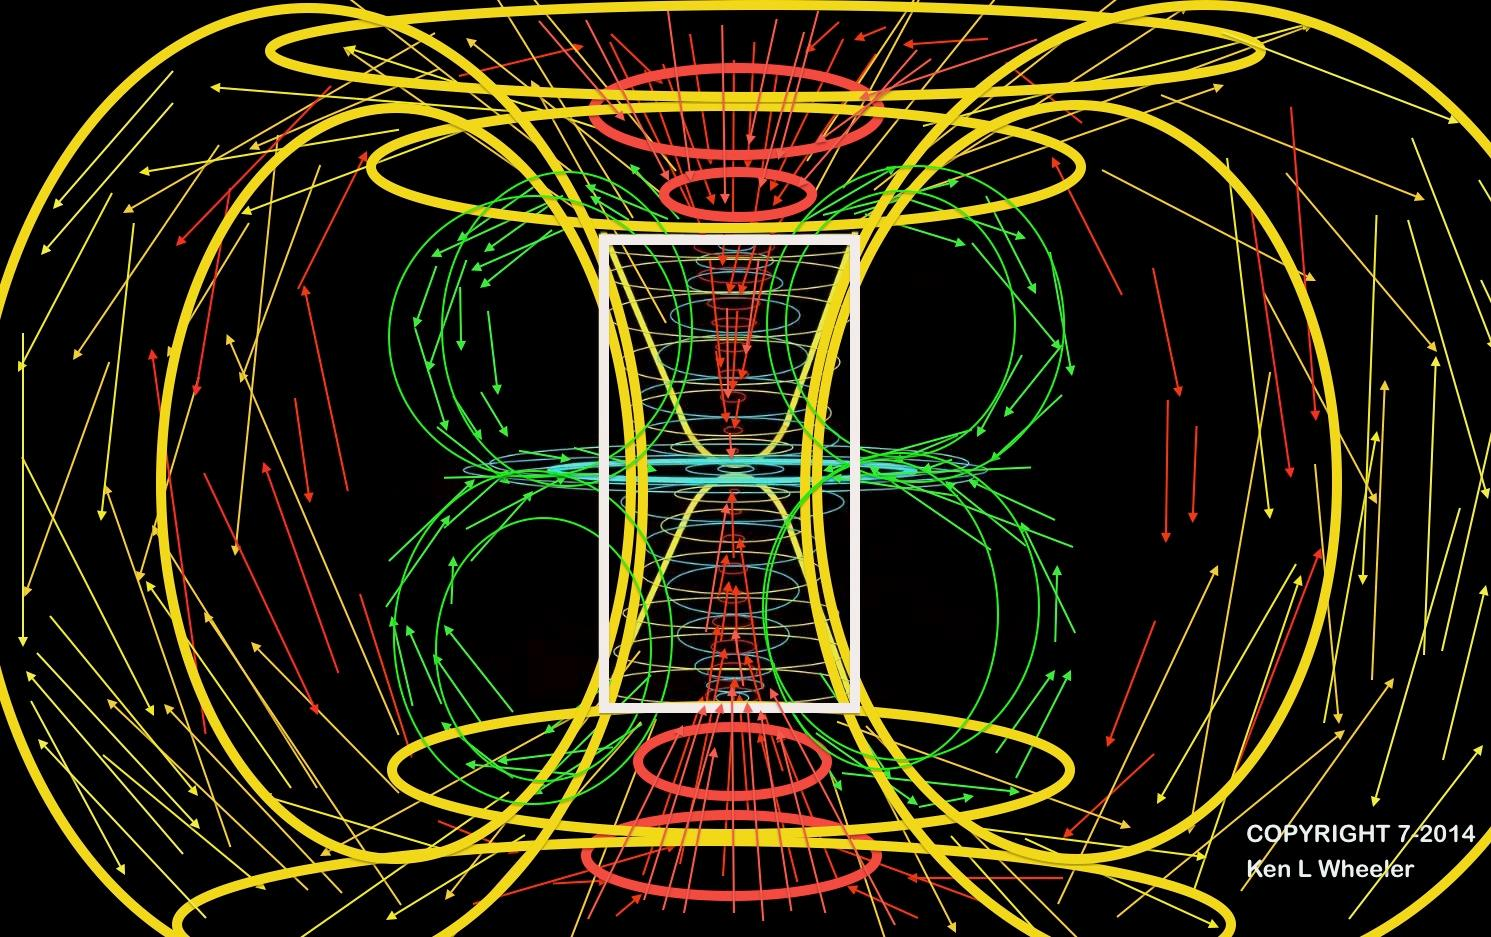 http://blog.lege.net/content/dielectricity-kenwheeler3.jpeg